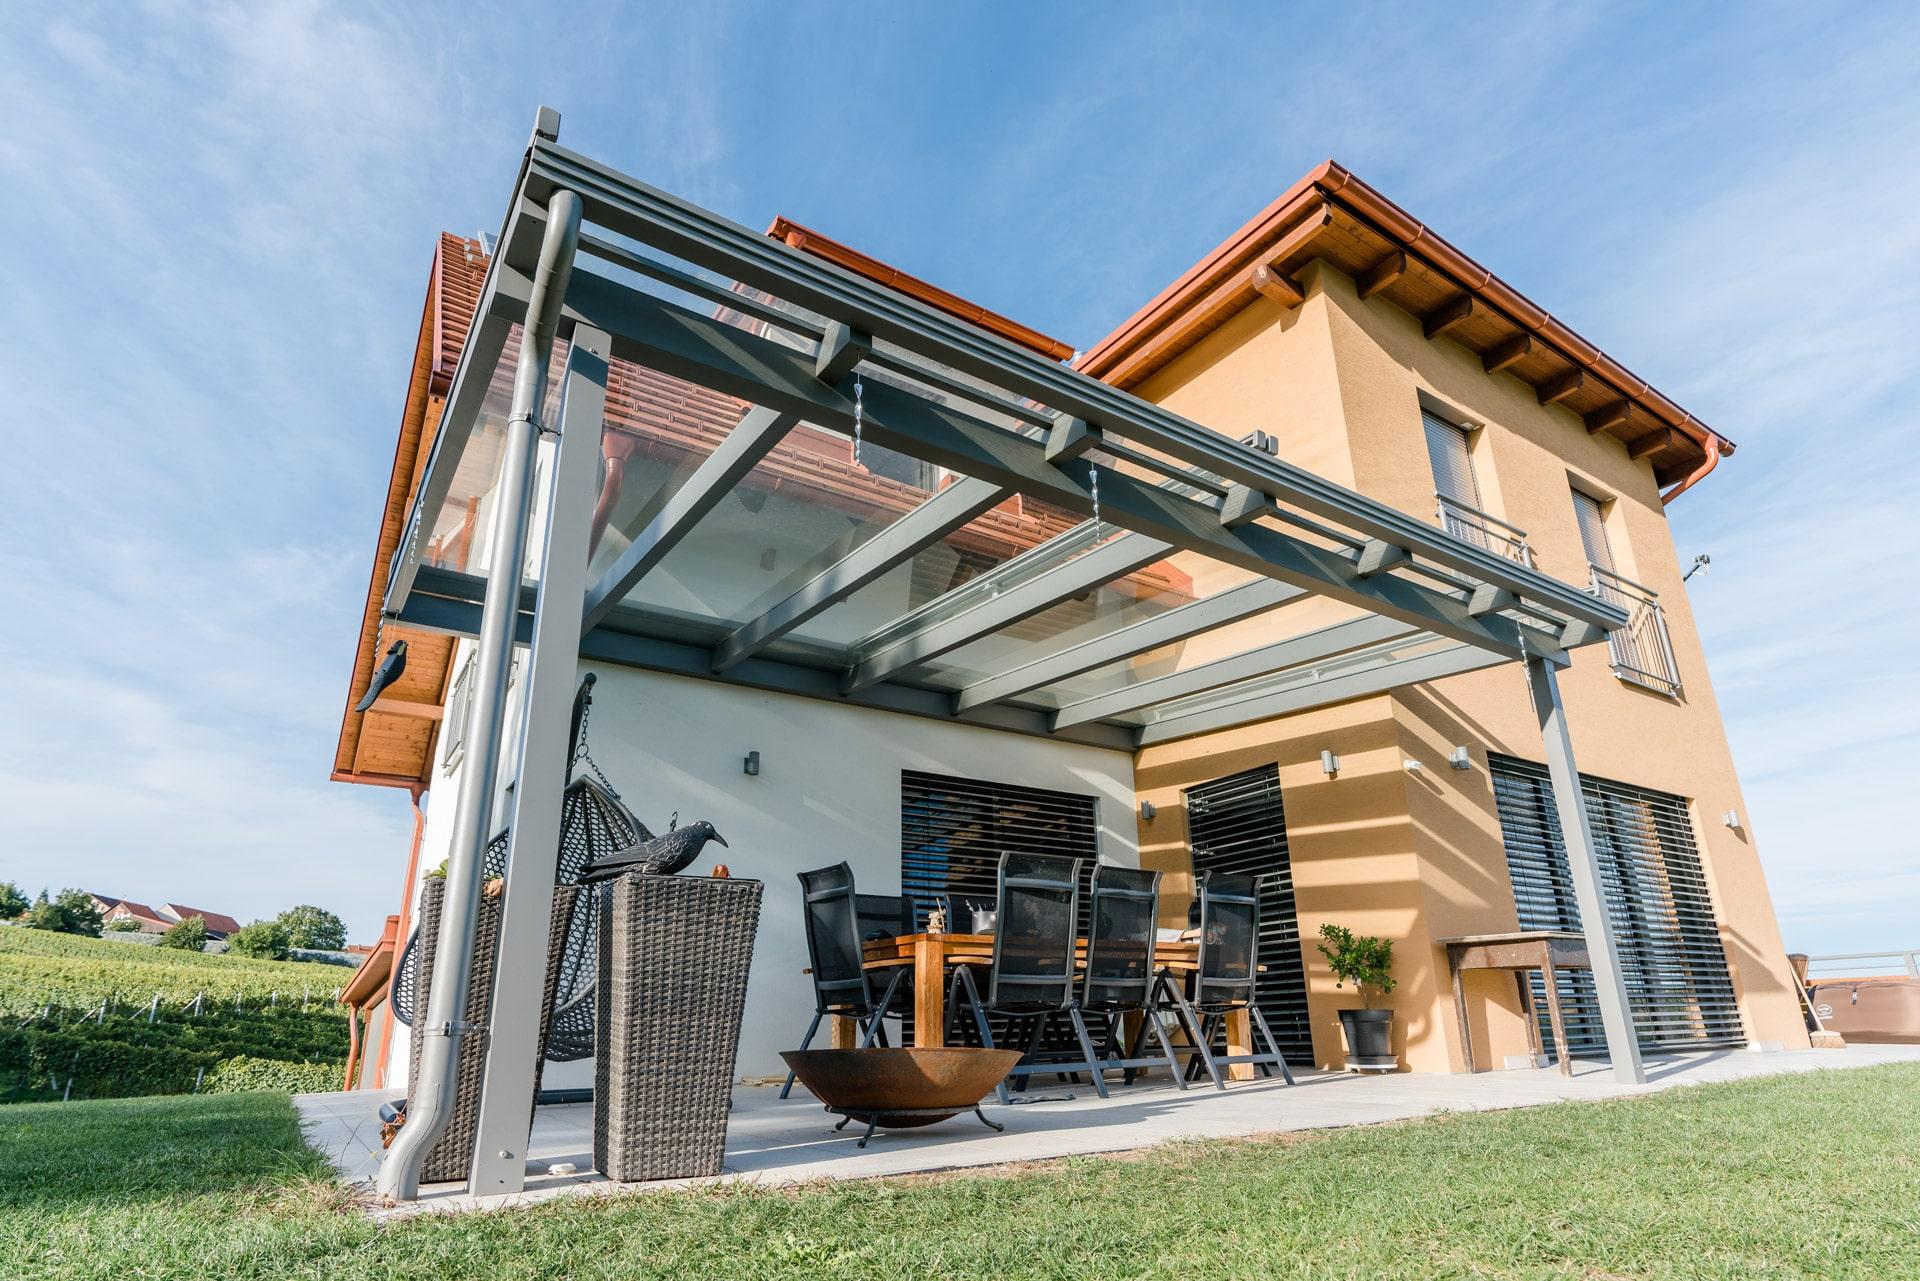 Terrassendach Alu 96 a   Alu-Glas-Dach grau bei Terrassen-Sitzplatz, Klarglas-Eindeckung   Svoboda